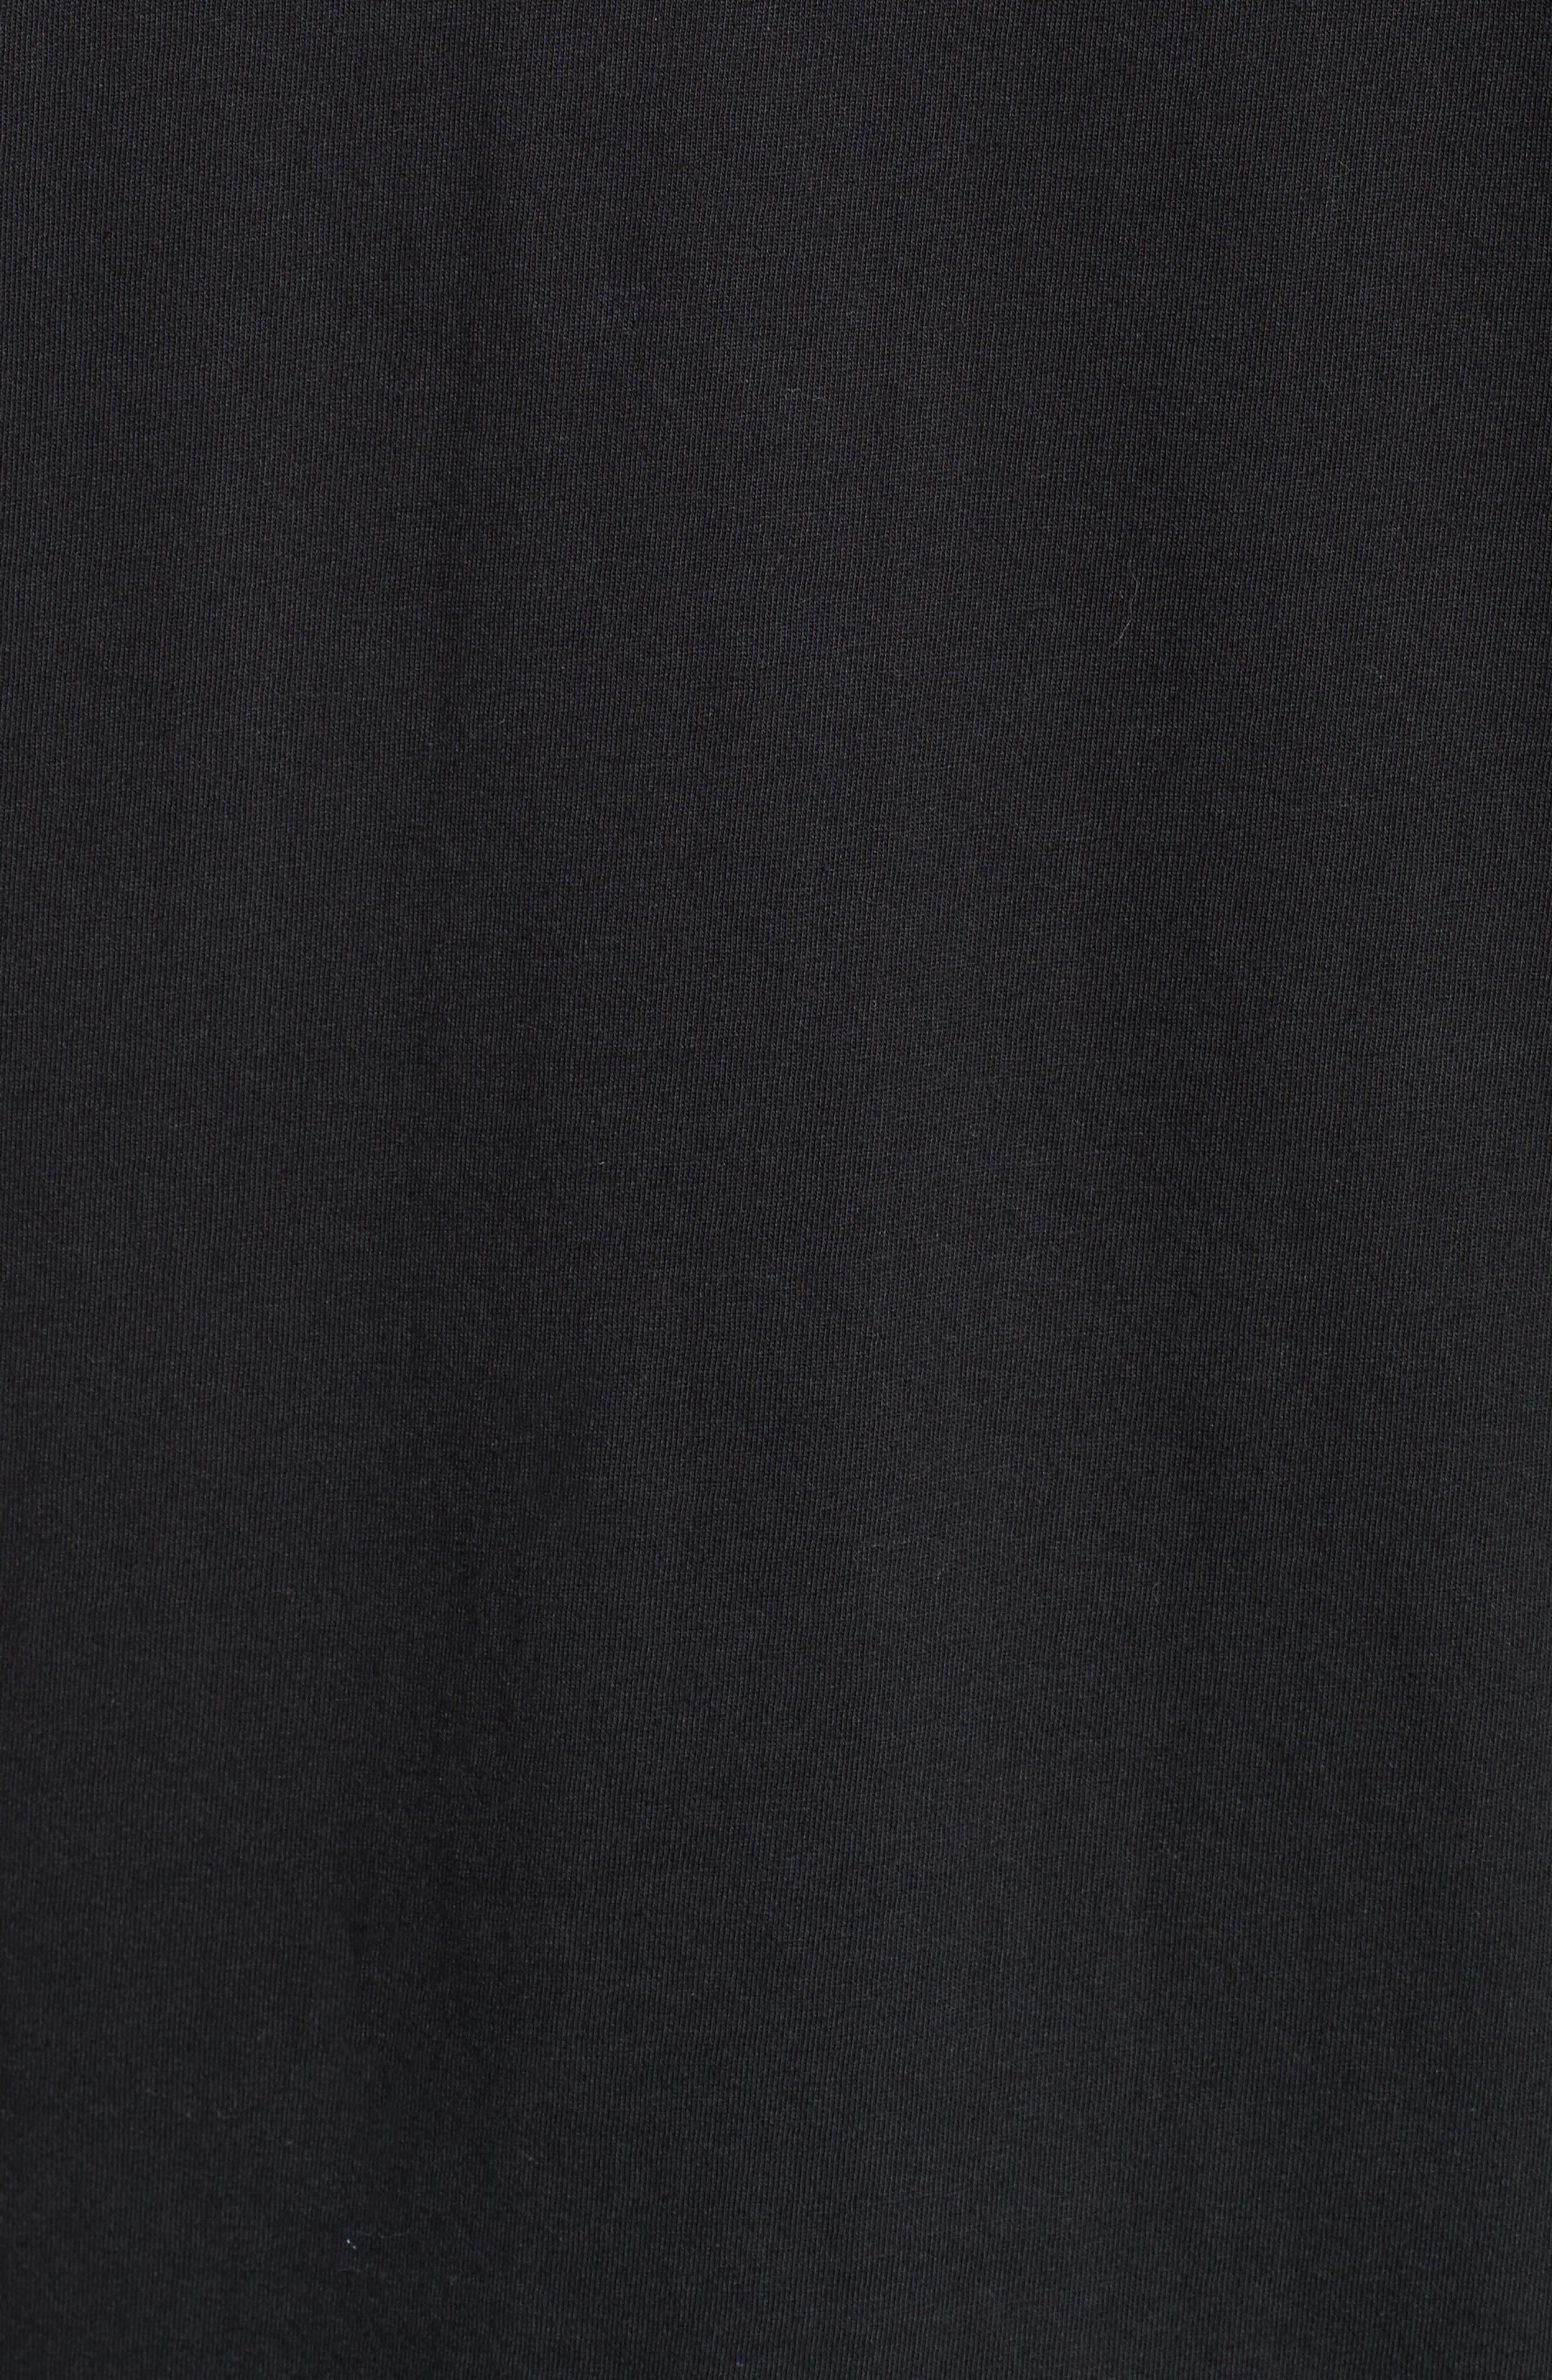 Silkscreen Finish T-Shirt,                             Alternate thumbnail 5, color,                             Black